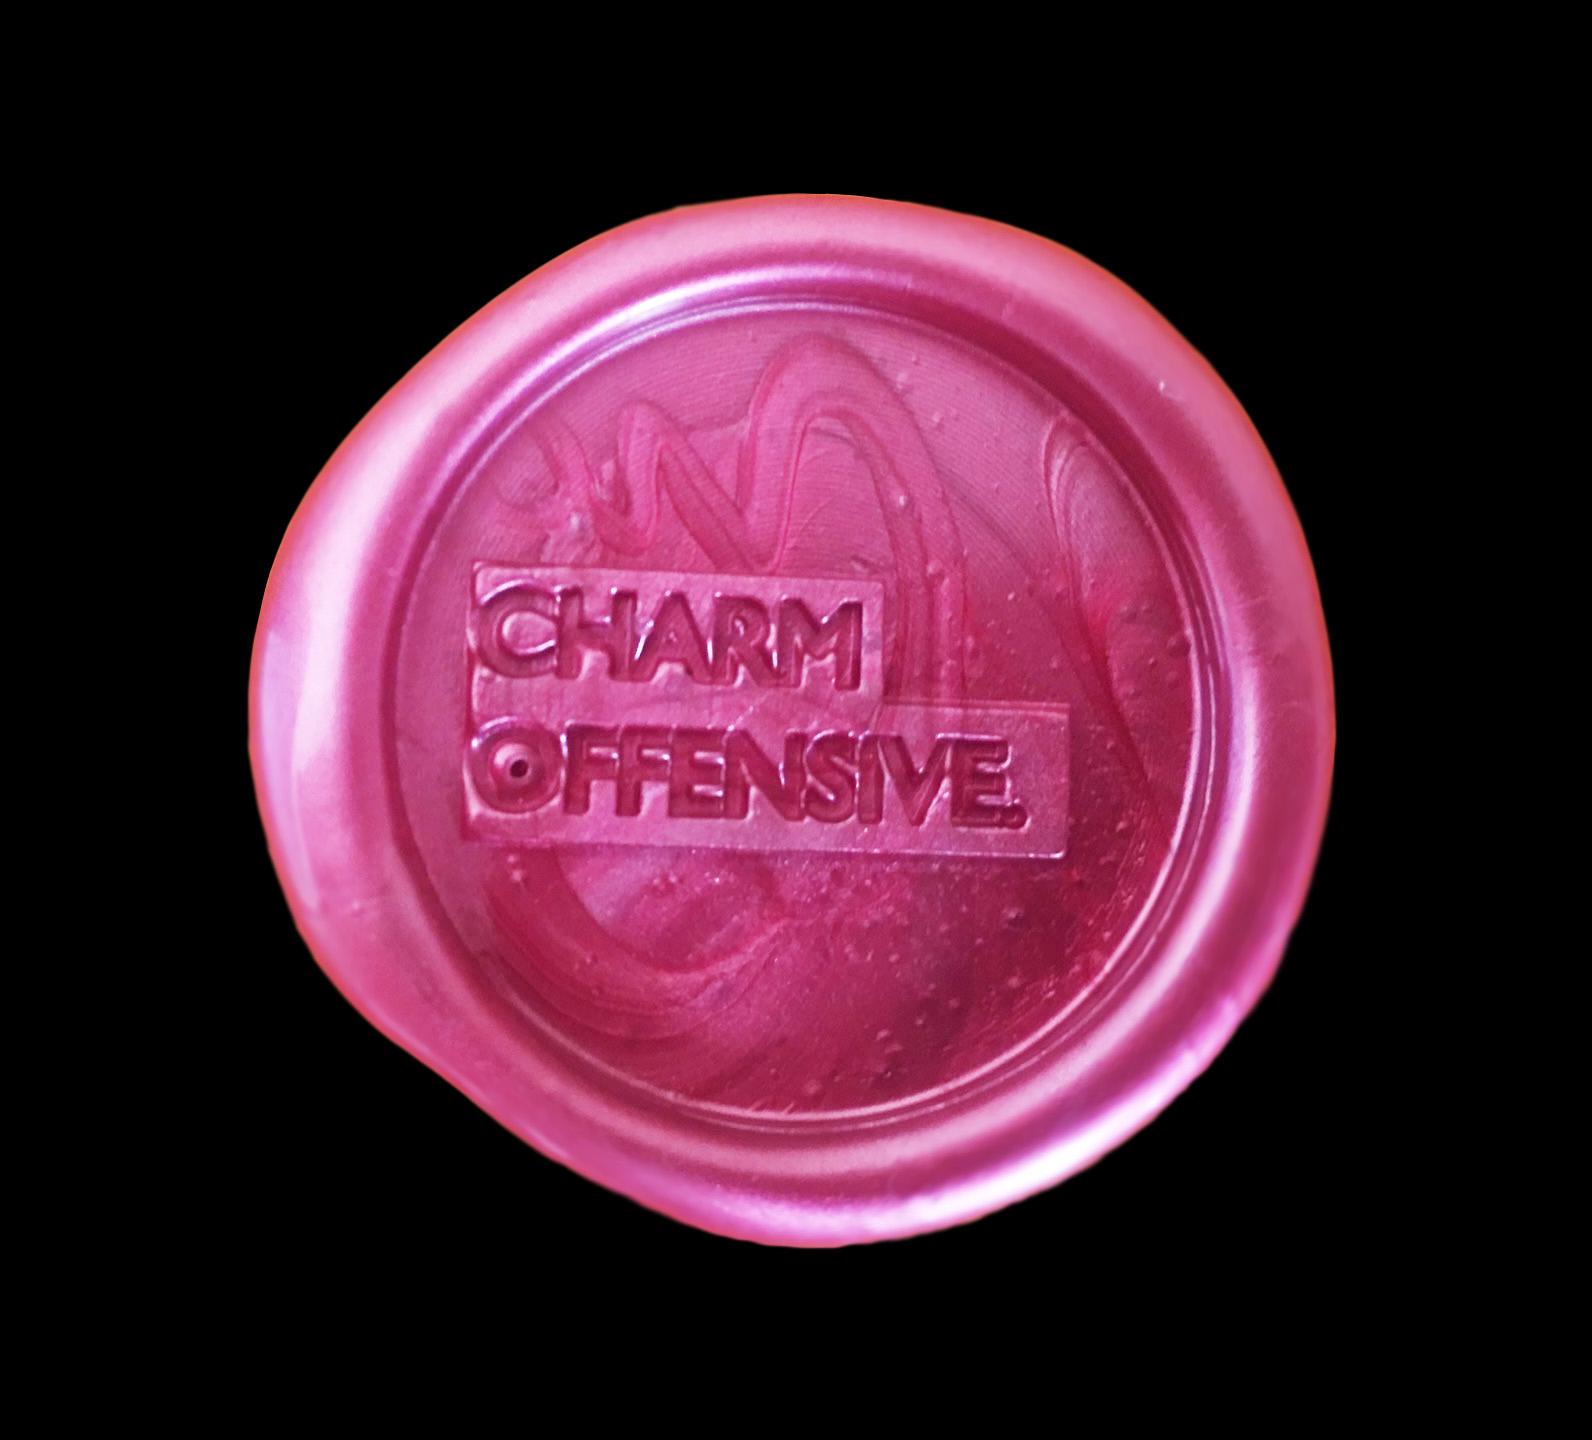 charm offensive wax seal.jpg